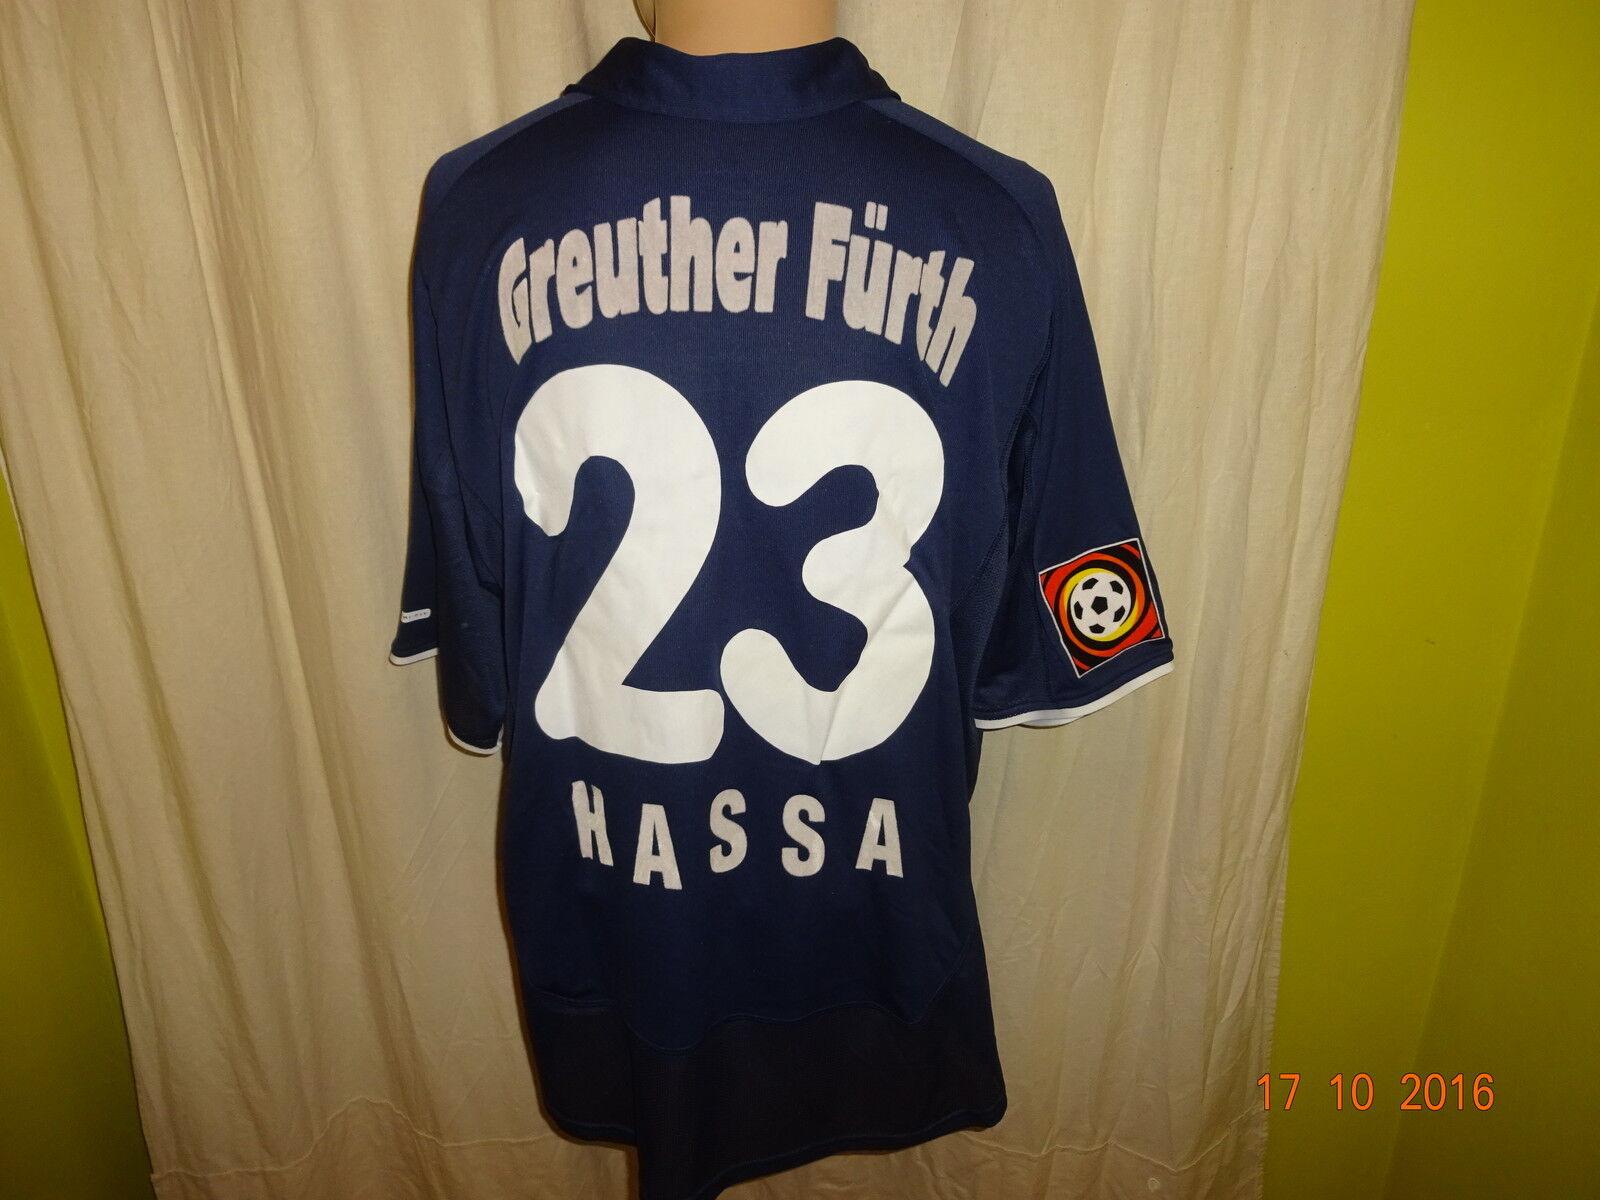 SpVgg Greuther Fürth Nike Ausweich Ausweich Ausweich Matchworn Trikot 2001 02 + Nr.23 Hassa Gr.XL 684a61